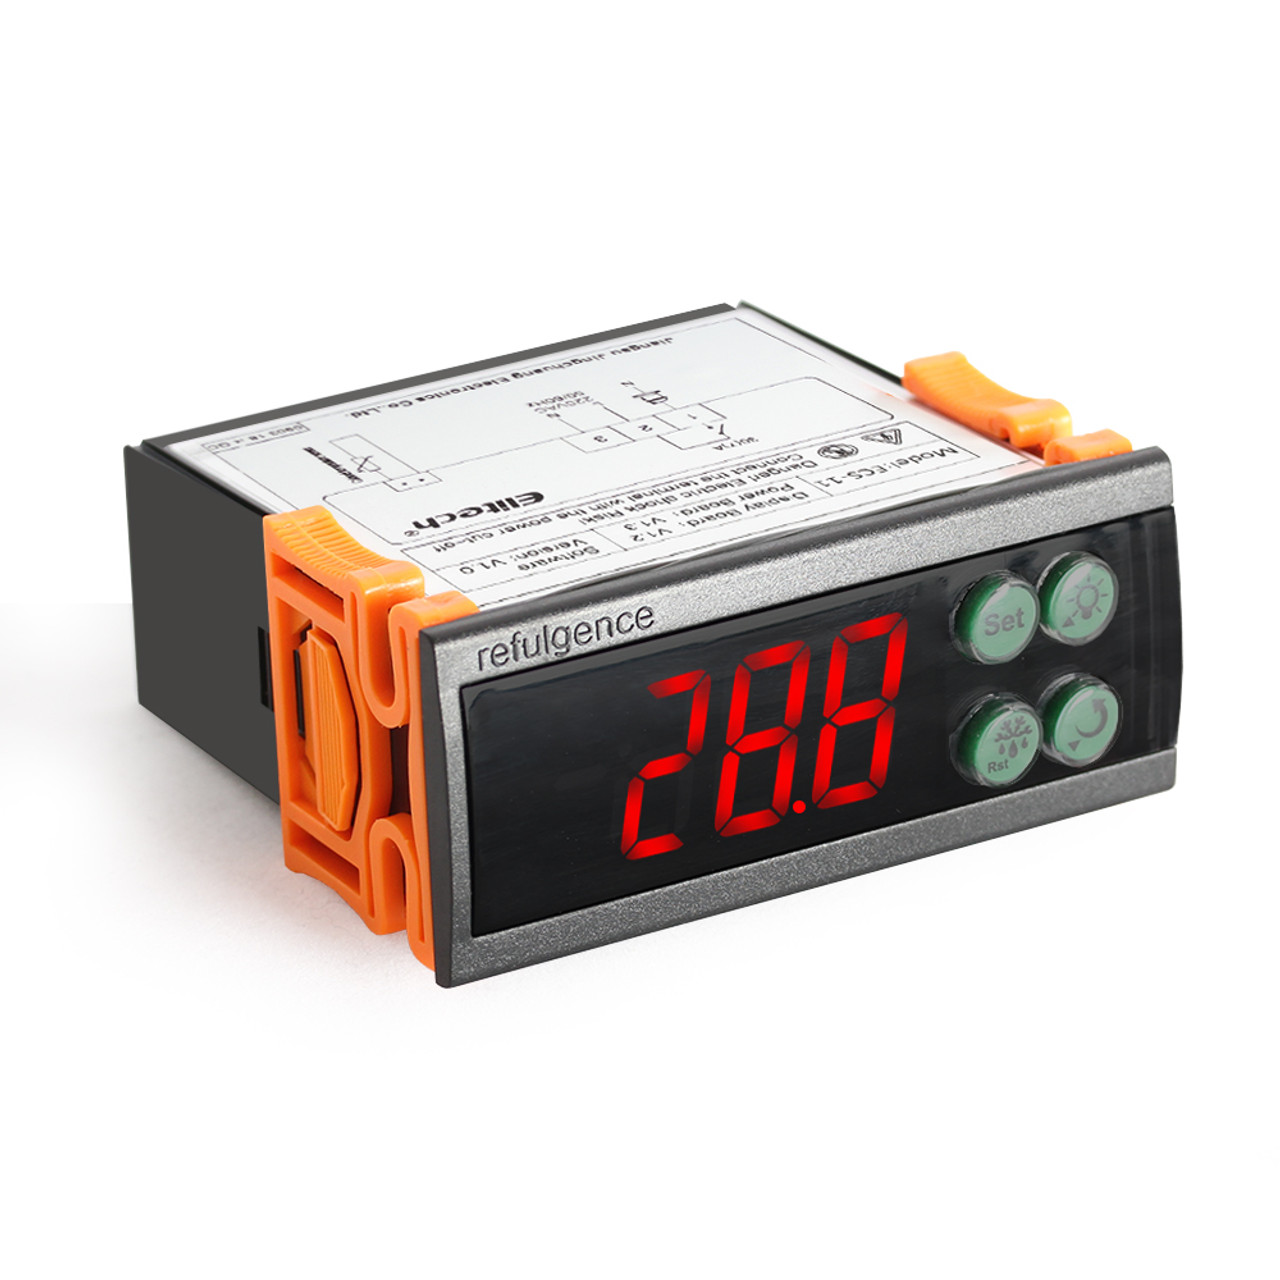 Single Compressor Relay Temperature Controller ECS-02CX